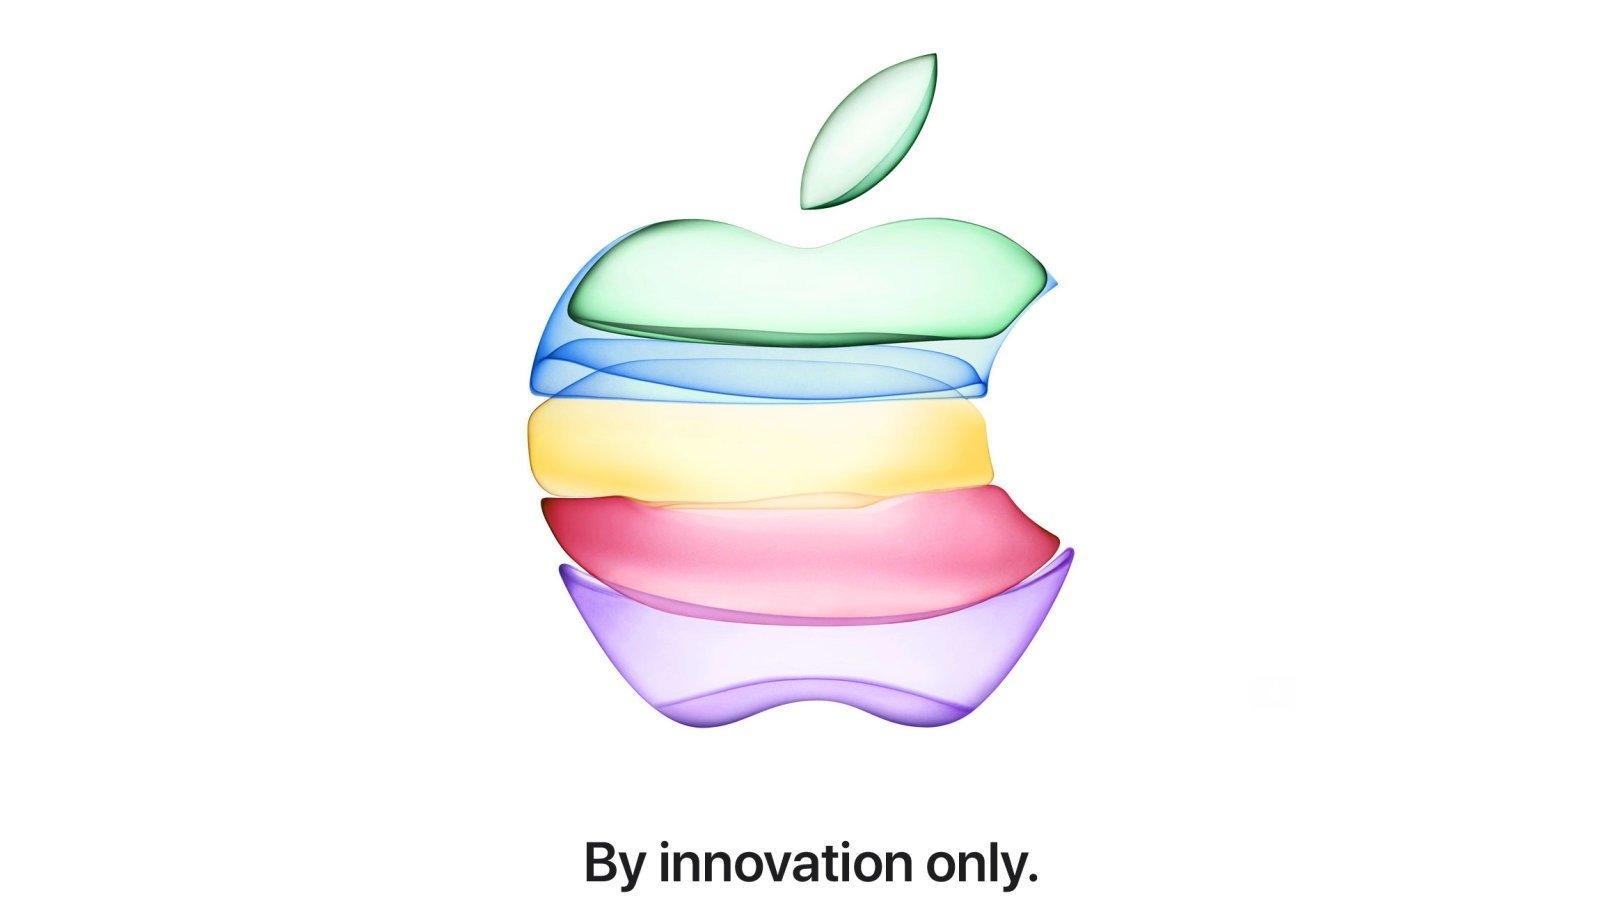 evento da apple 2019